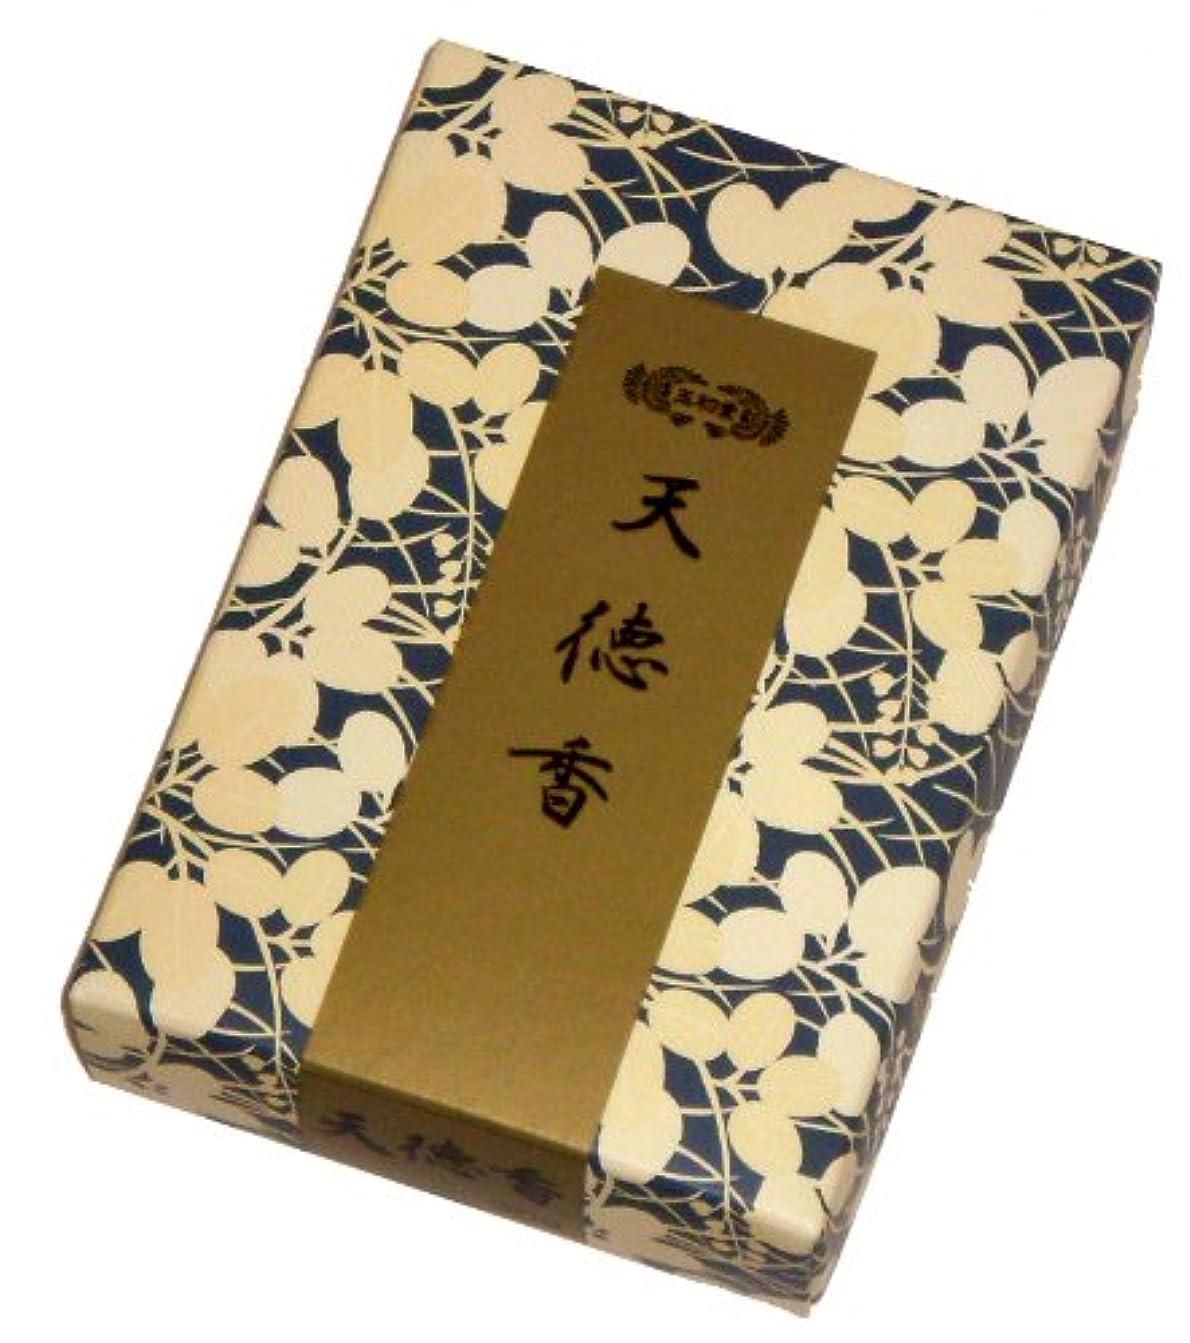 ばかげた神秘的な発生する玉初堂のお香 天徳香 30g #655